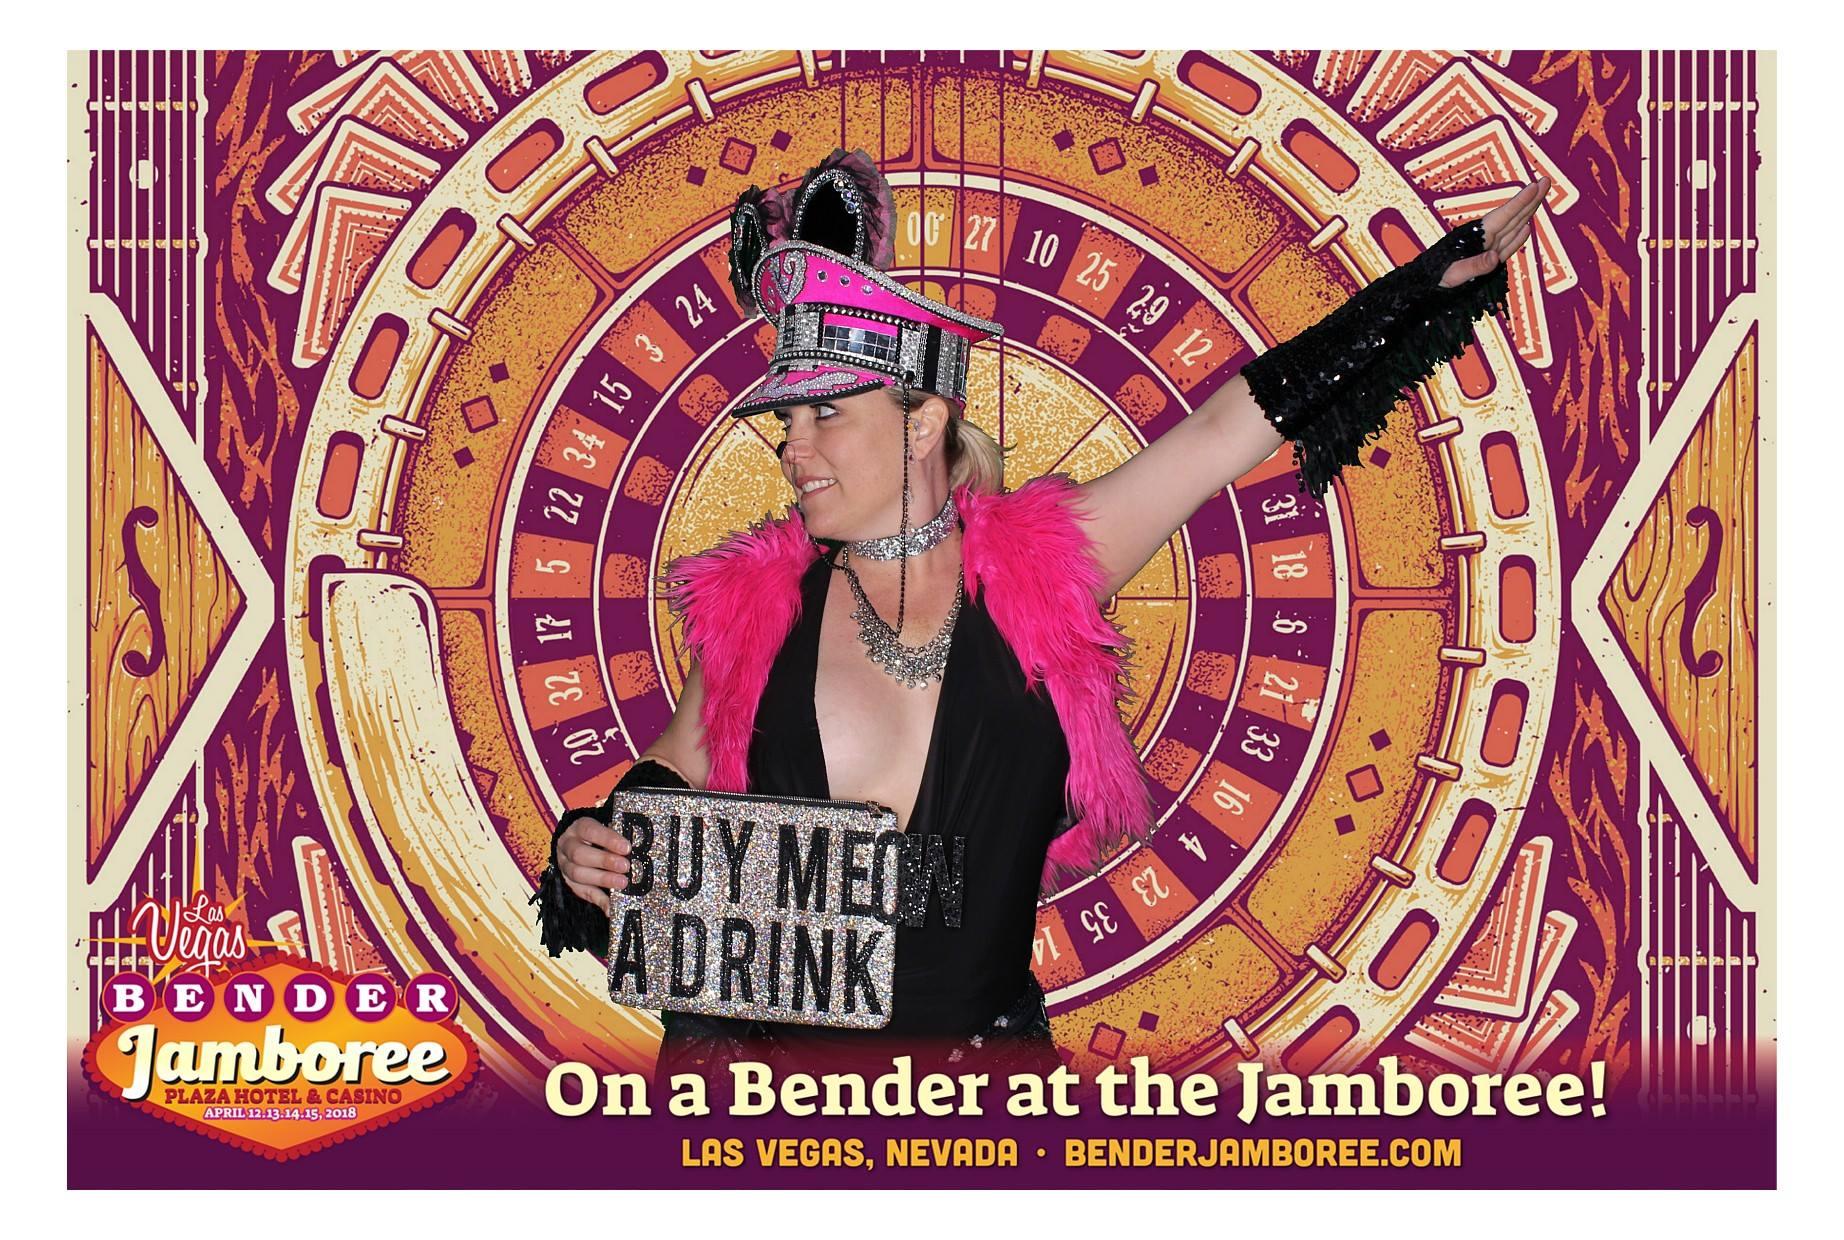 Bender Jamboree